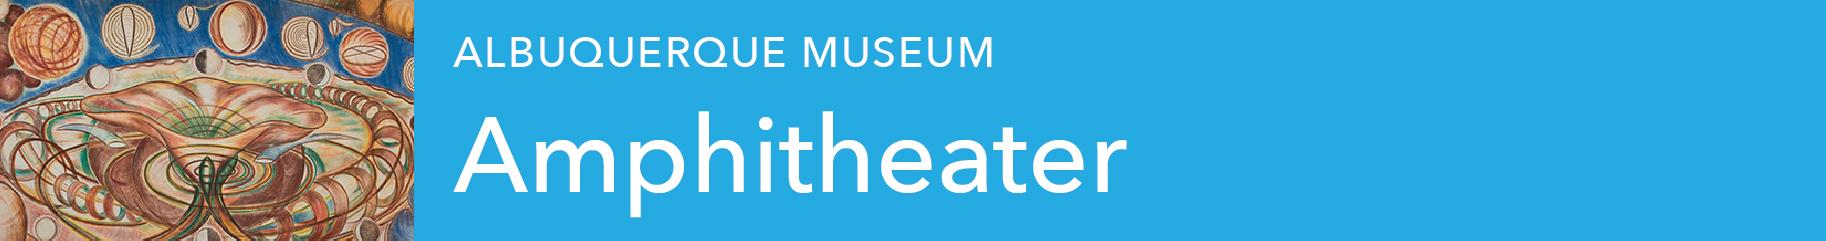 header_amphitheater